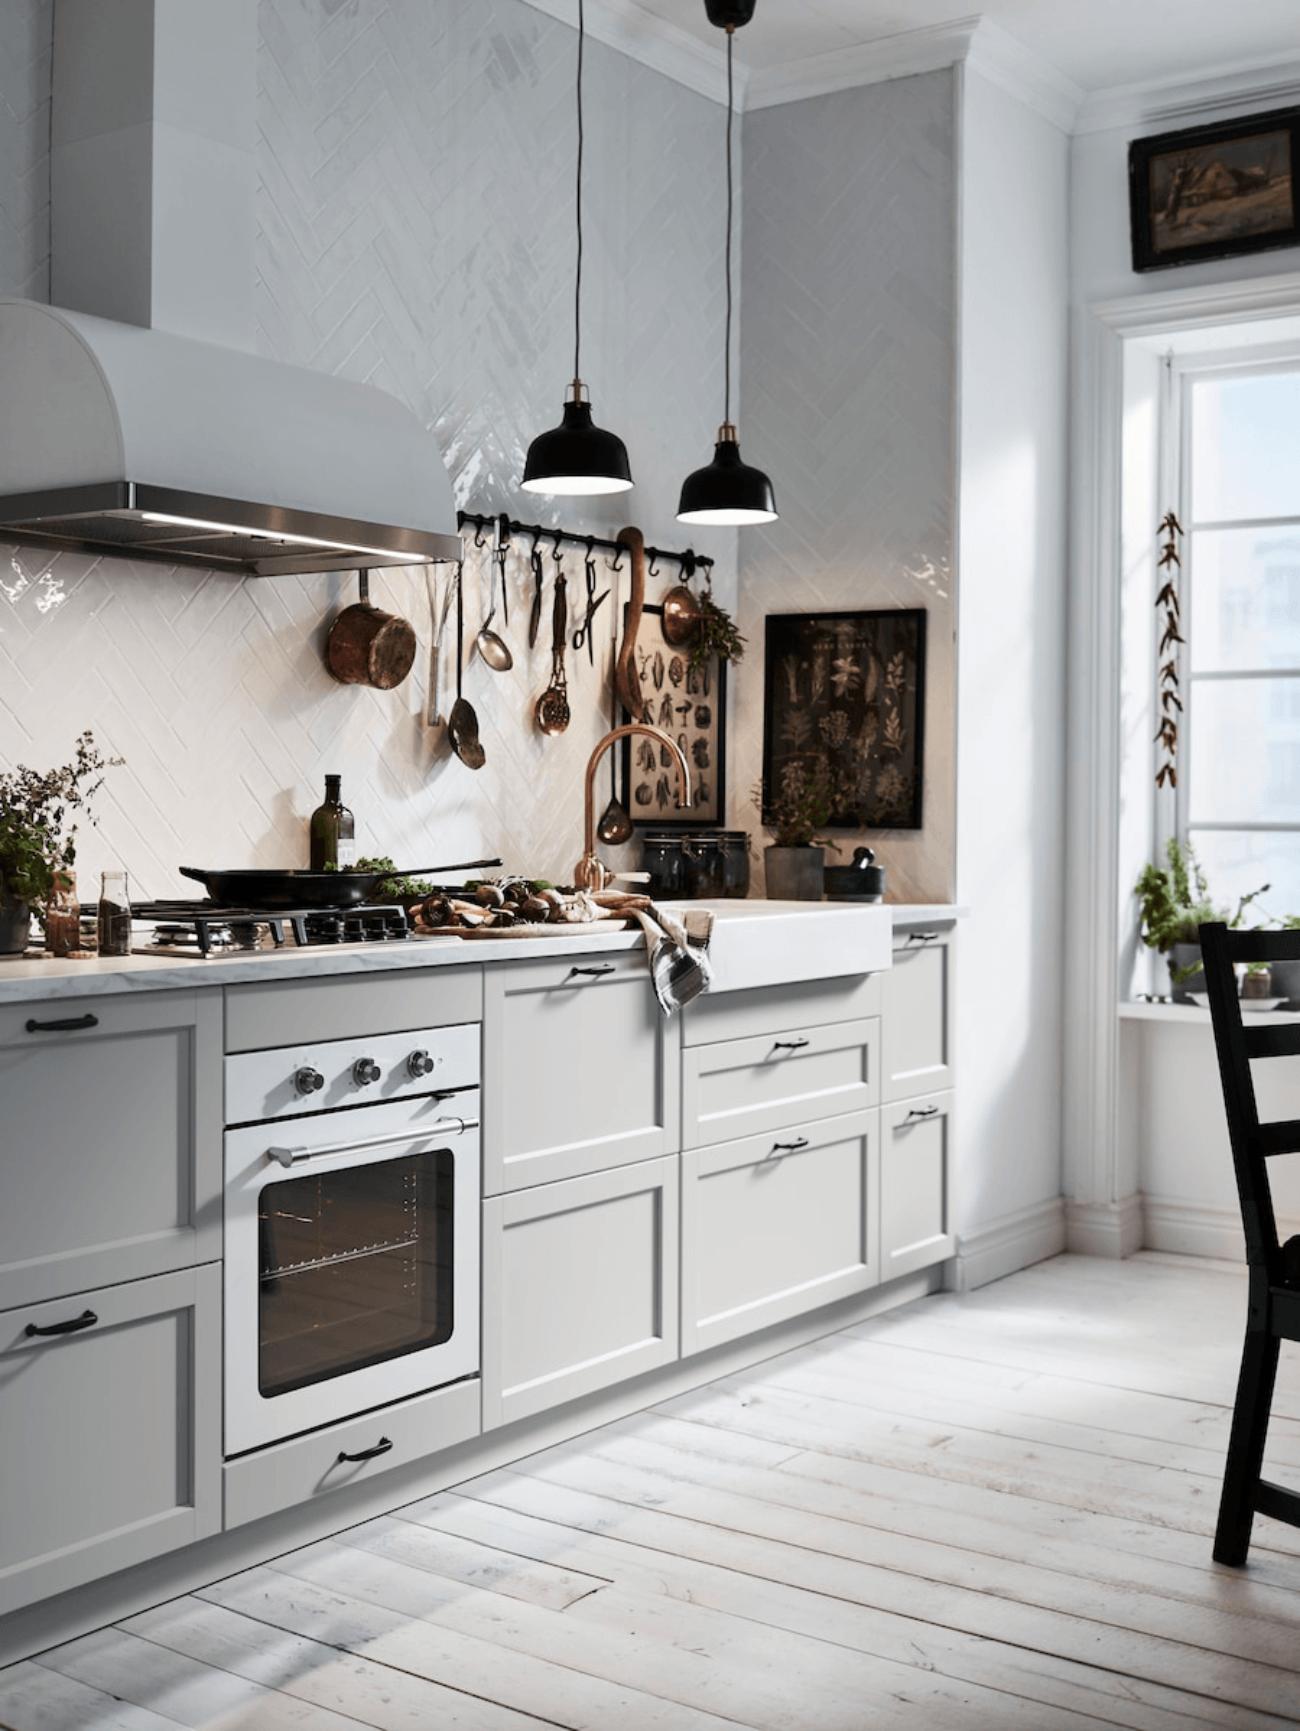 IKEA предупредила о дефиците товаров до августа 2022 года из-за проблем с поставками